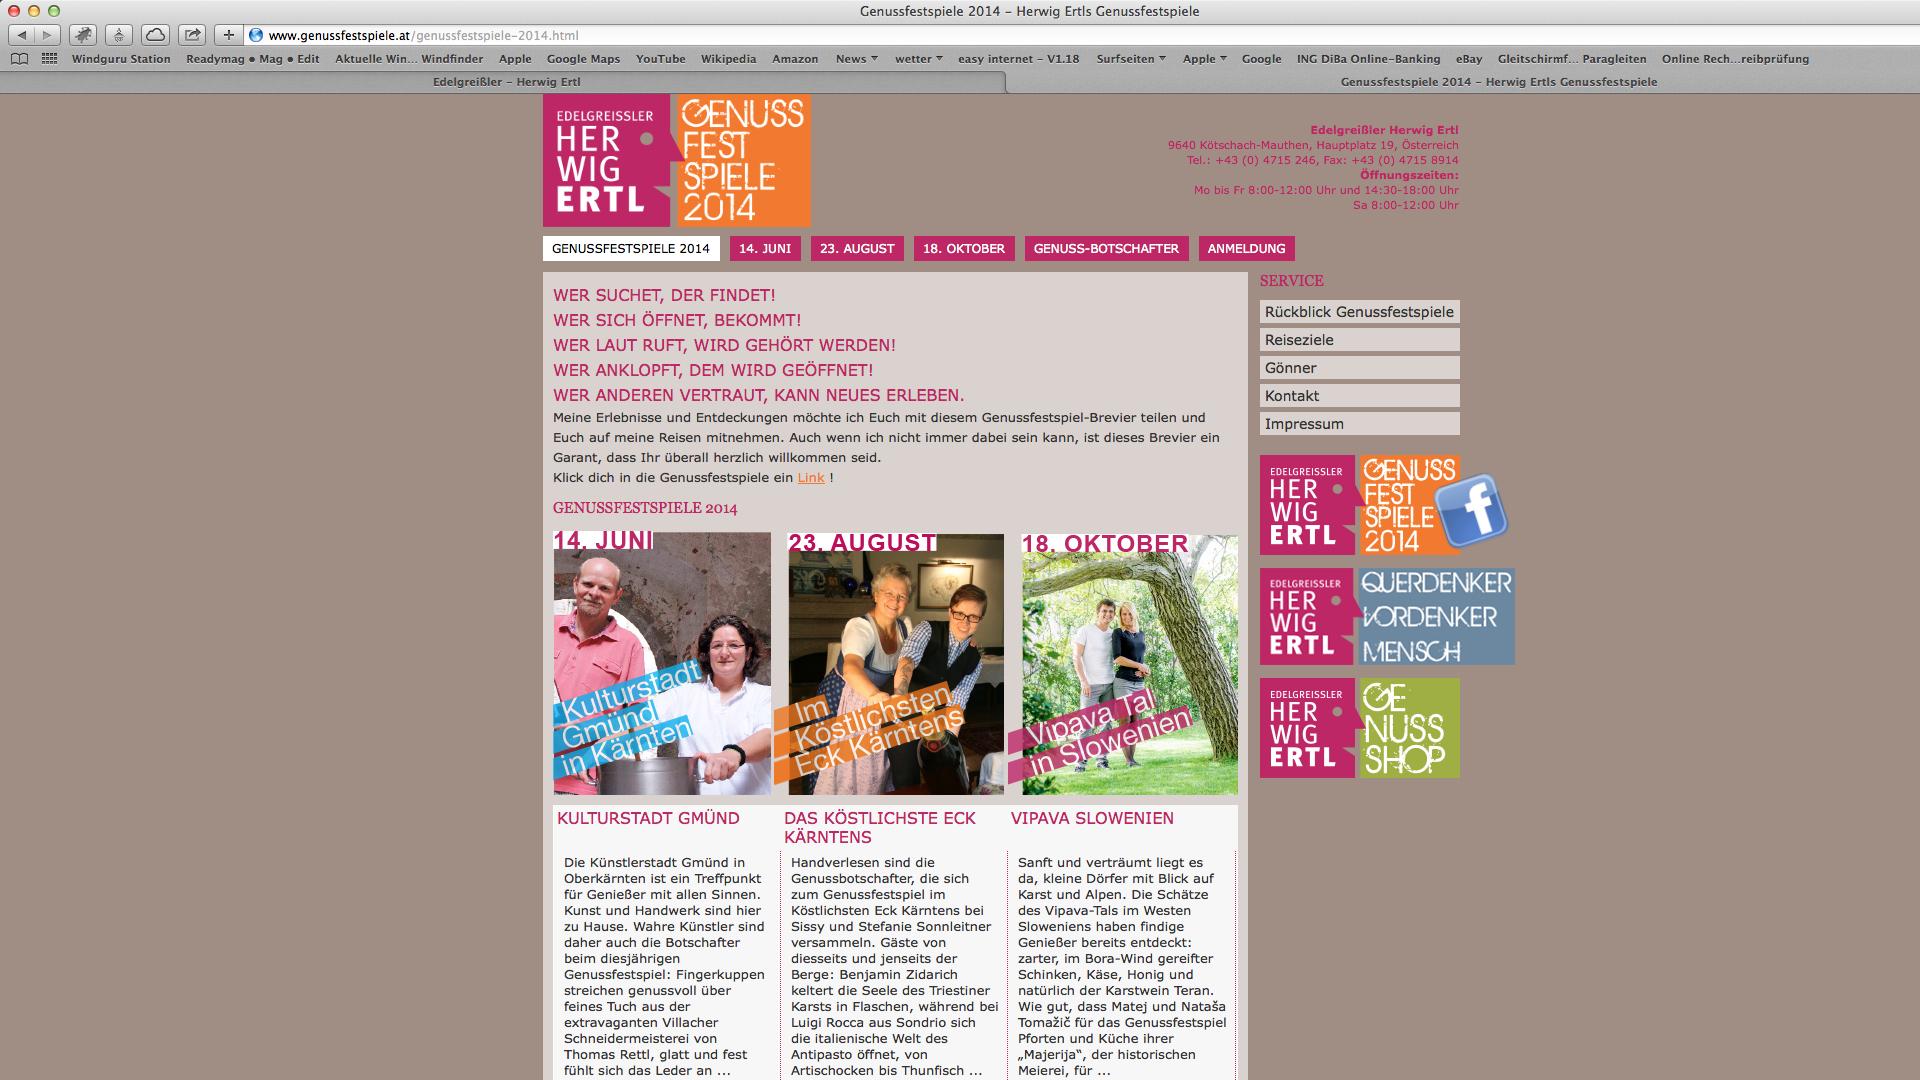 Website für die Edelgreissler Herwig Ertls Genussfestspiele